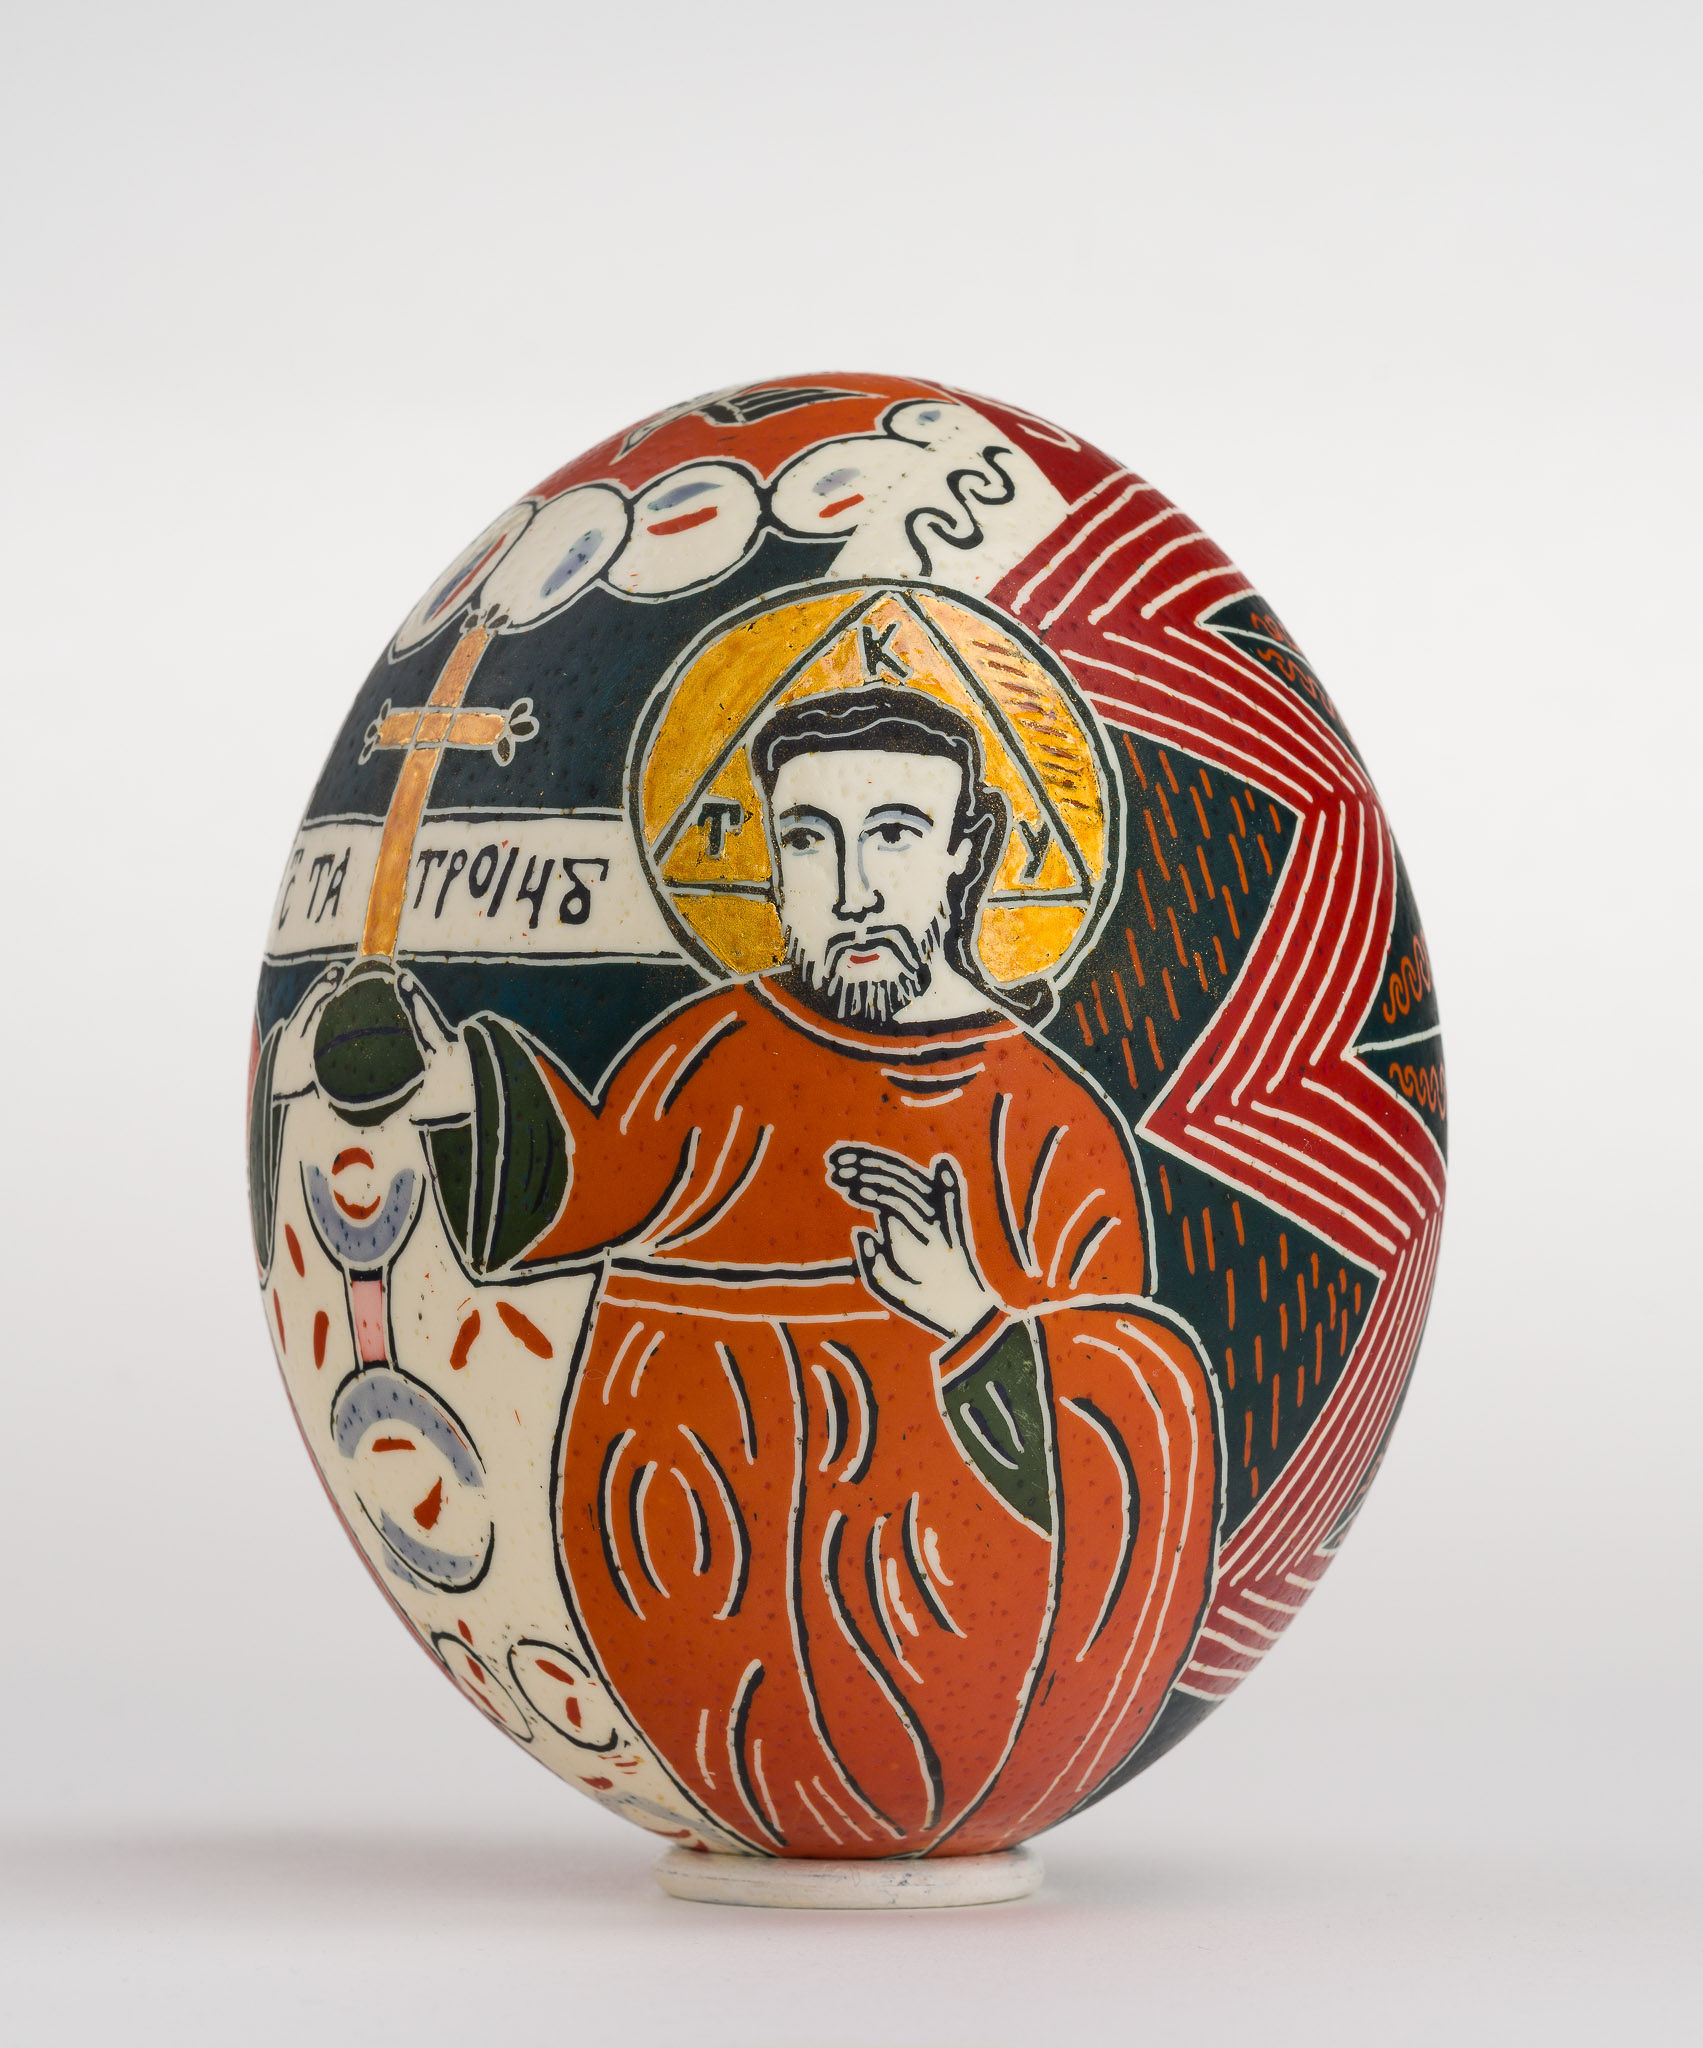 Icoană încondeiată pe ou de struț - Sfânta Treime nou-testamentară - maryando-104a.jpg